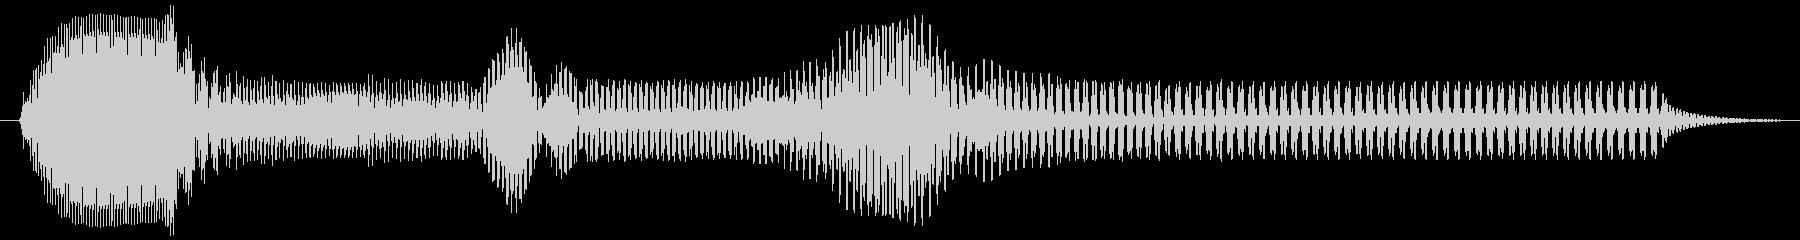 ピュゥ。落ちる・下がる・飛んでいく音の未再生の波形